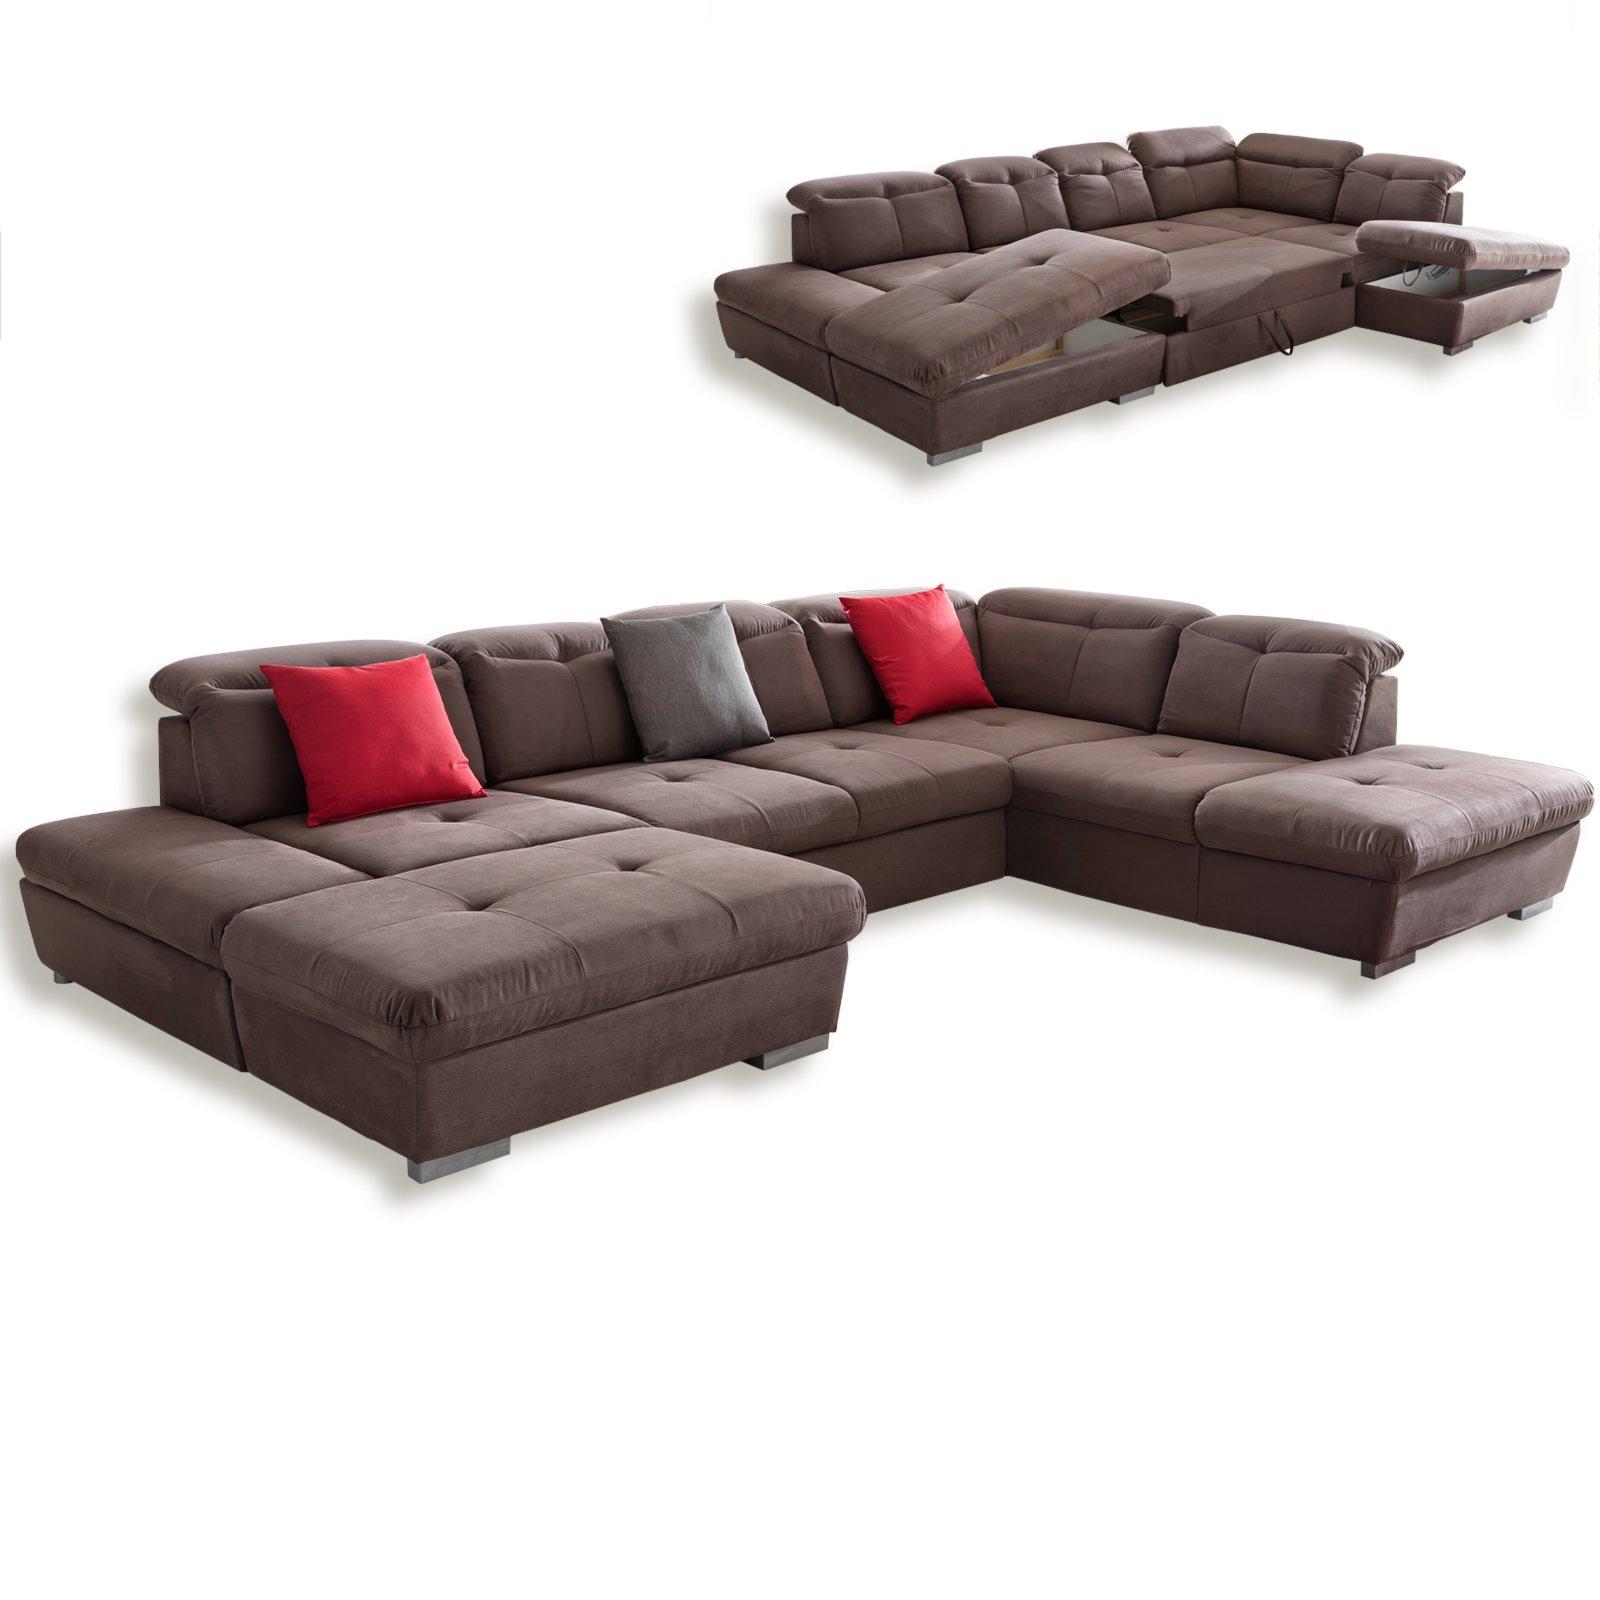 wohnlandschaft braun liegefunktion ottomane rechts wohnlandschaften u form sofas. Black Bedroom Furniture Sets. Home Design Ideas